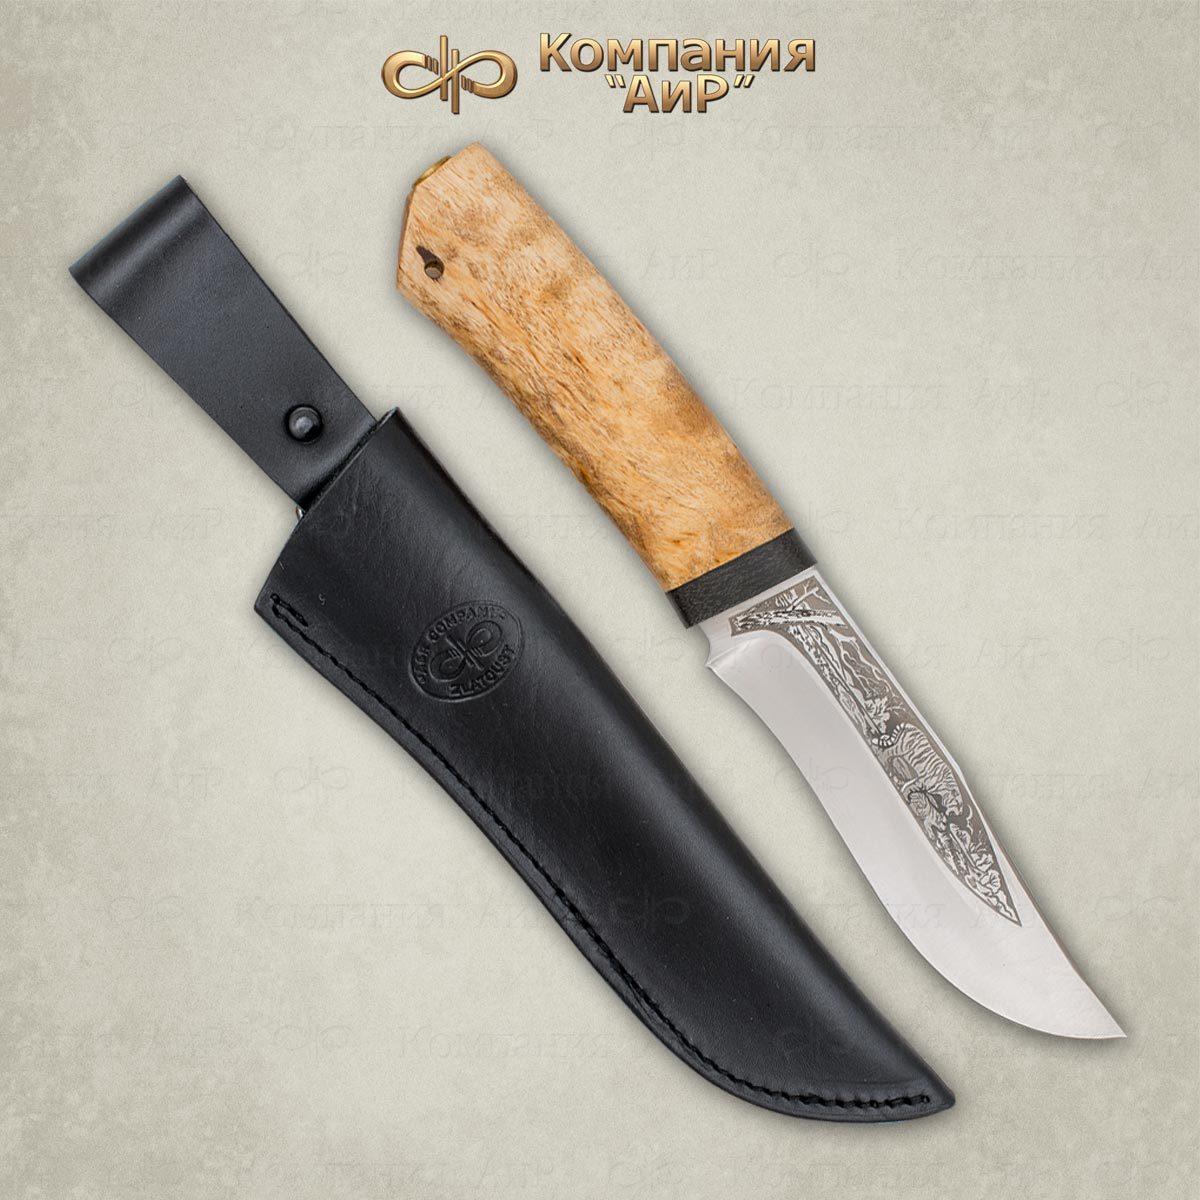 Фото - Нож разделочный АиР Клычок-3, сталь Elmax, рукоять карельская береза нож разделочный аир финка 3 сталь эп 766 рукоять карельская береза